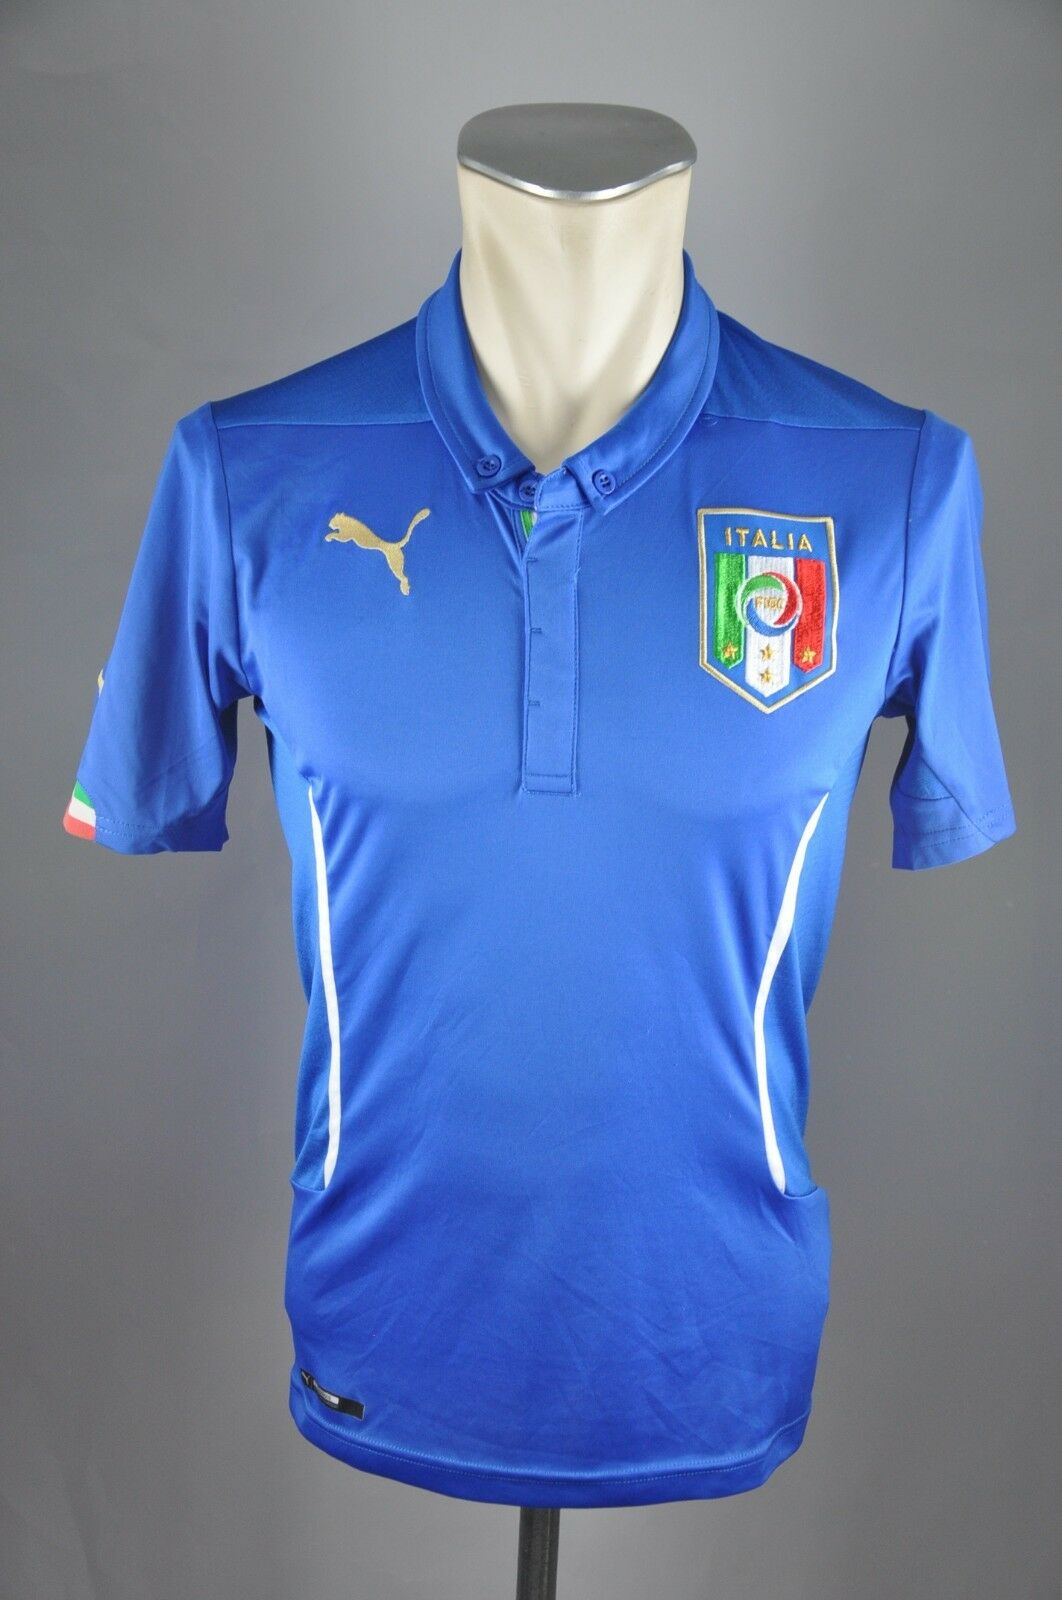 Italien Trikot 2014 Gr. S Puma Puma Puma Jersey WM EM Shirt Home blau Italia  b568b5